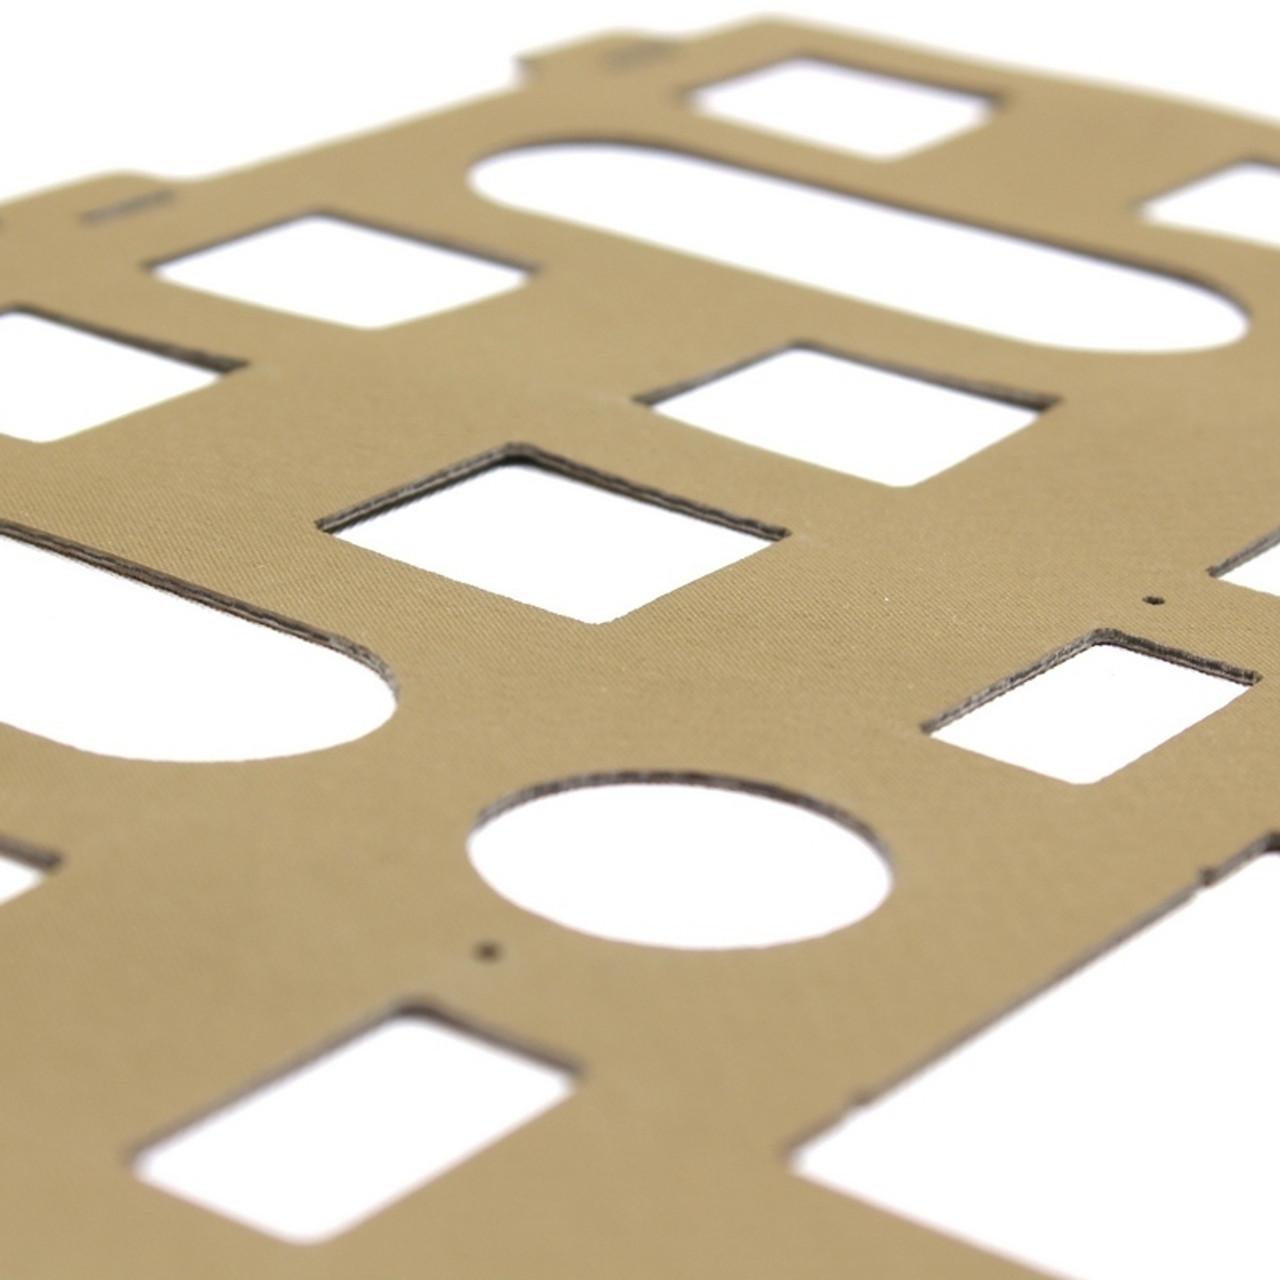 Laser cut parts